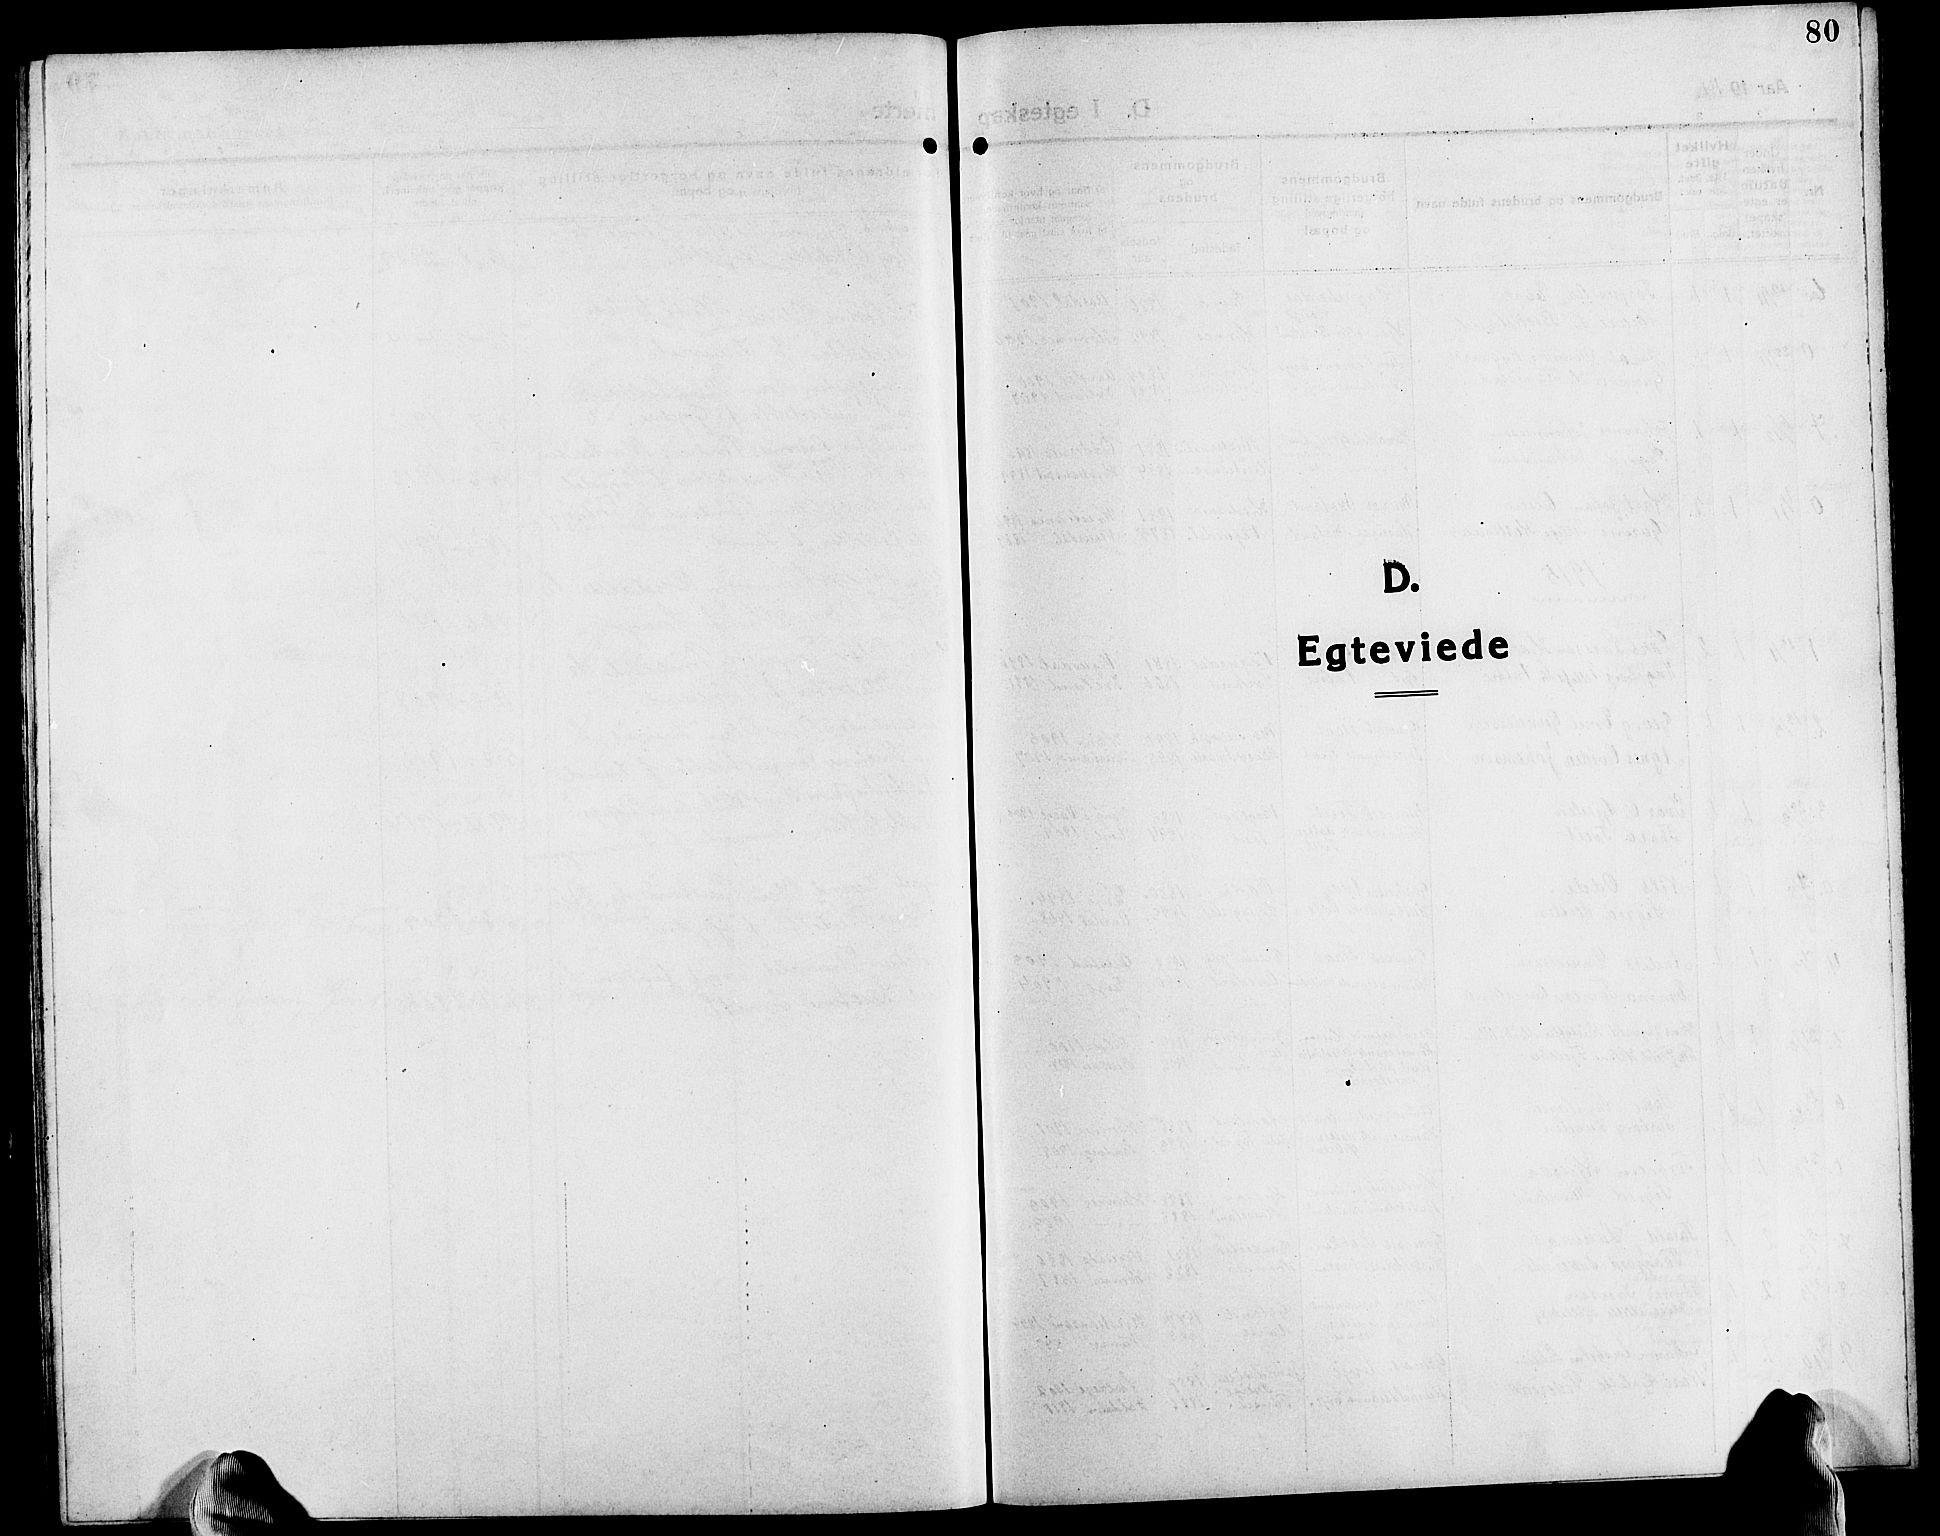 SAK, Evje sokneprestkontor, F/Fb/Fba/L0005: Klokkerbok nr. B 5, 1914-1926, s. 80